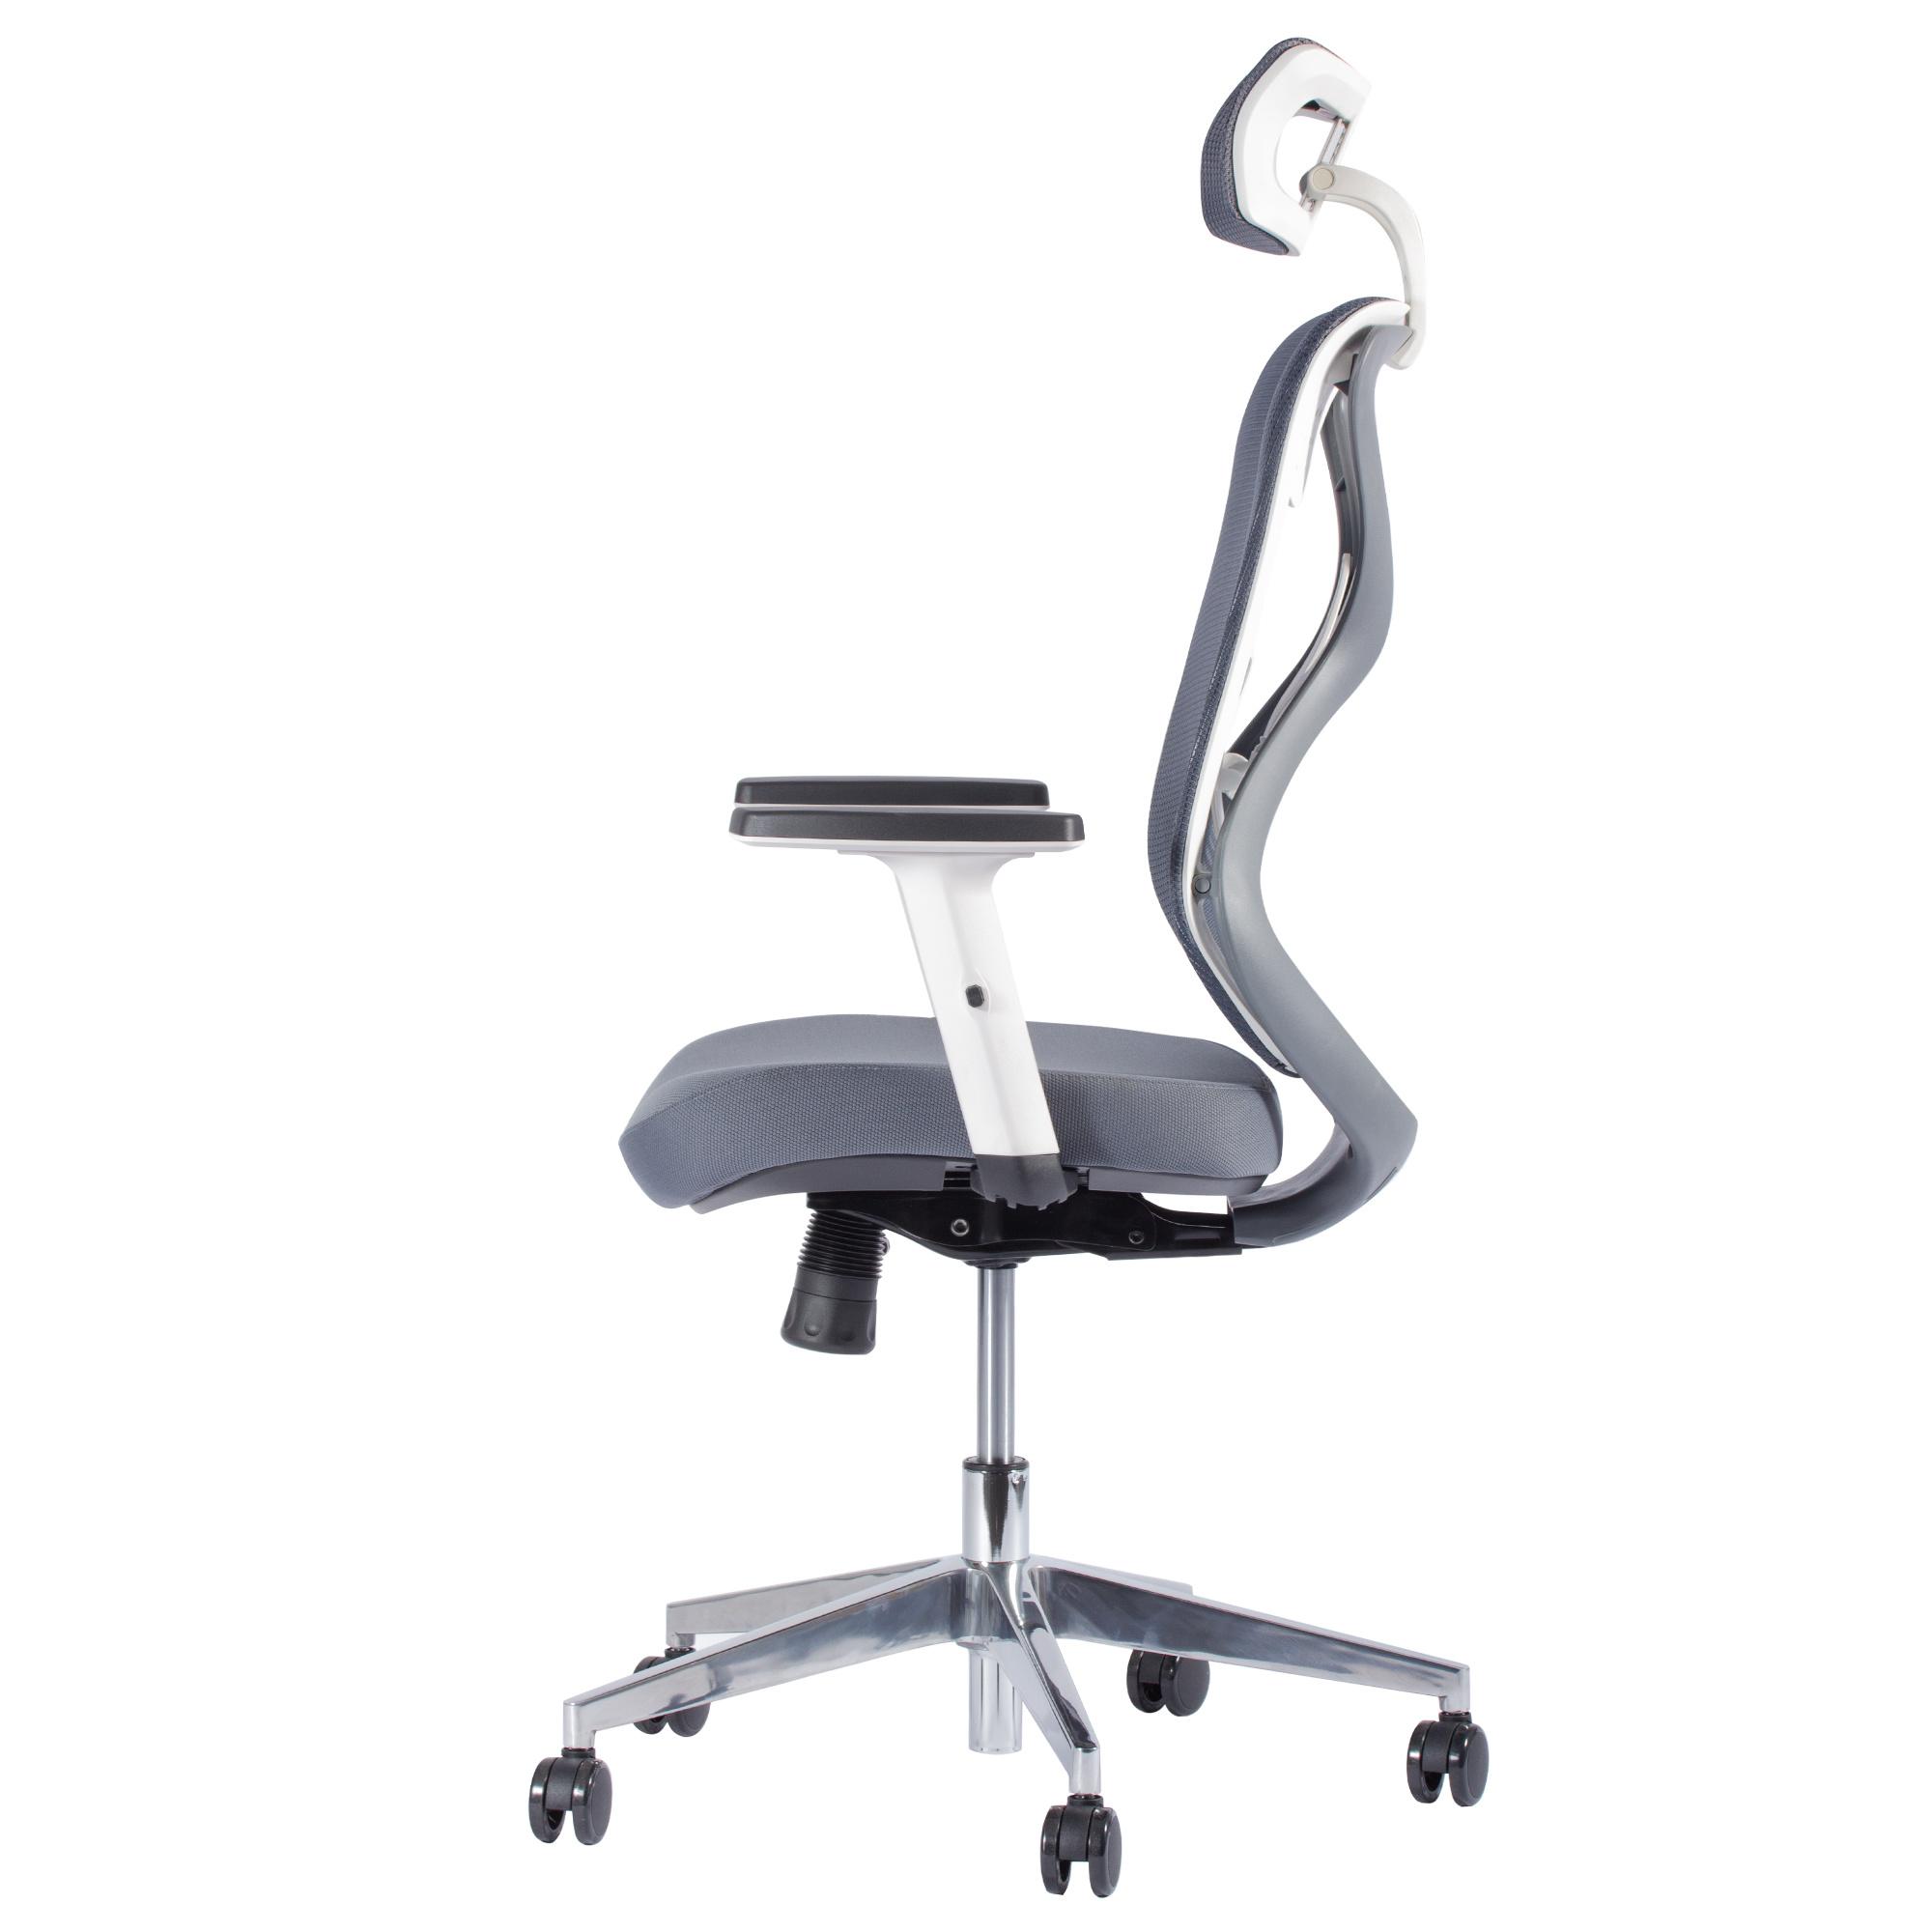 Design Bureaustoel Wit.Ergonomische Bureaustoel Ergo 1 Grijs Wit Deals2day